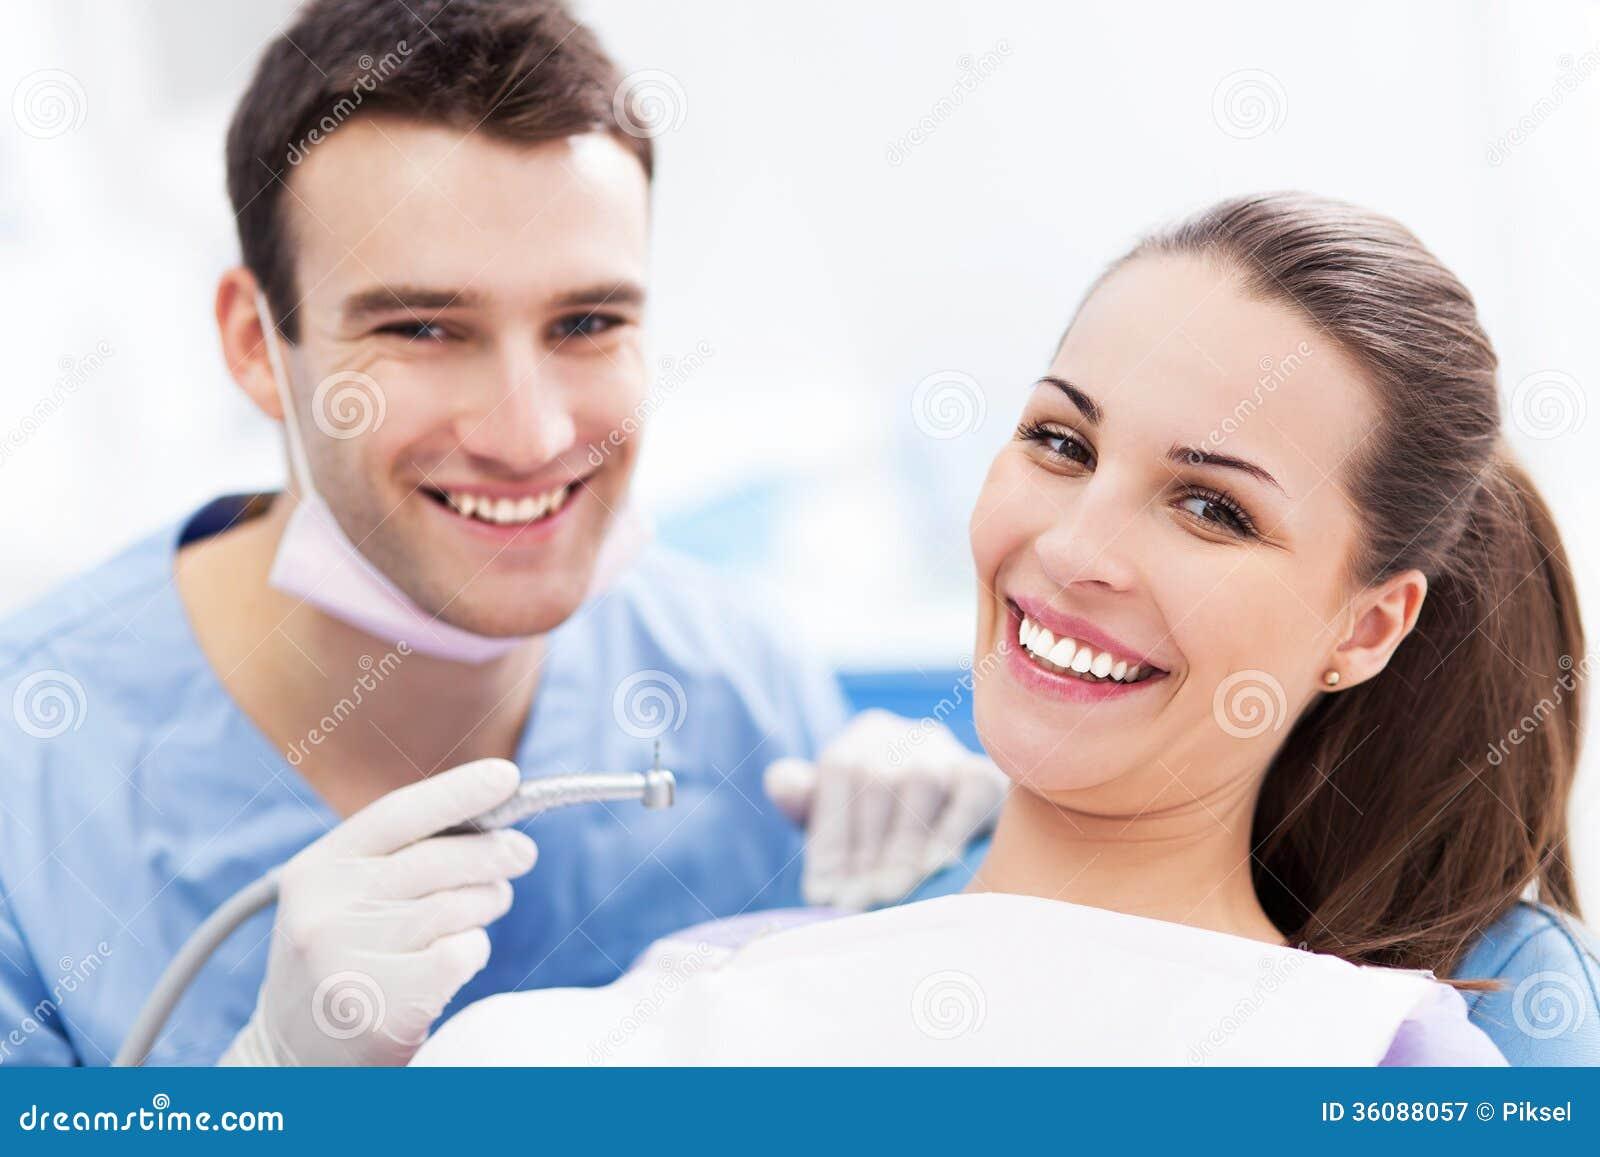 Дантист и пациент в офисе дантиста